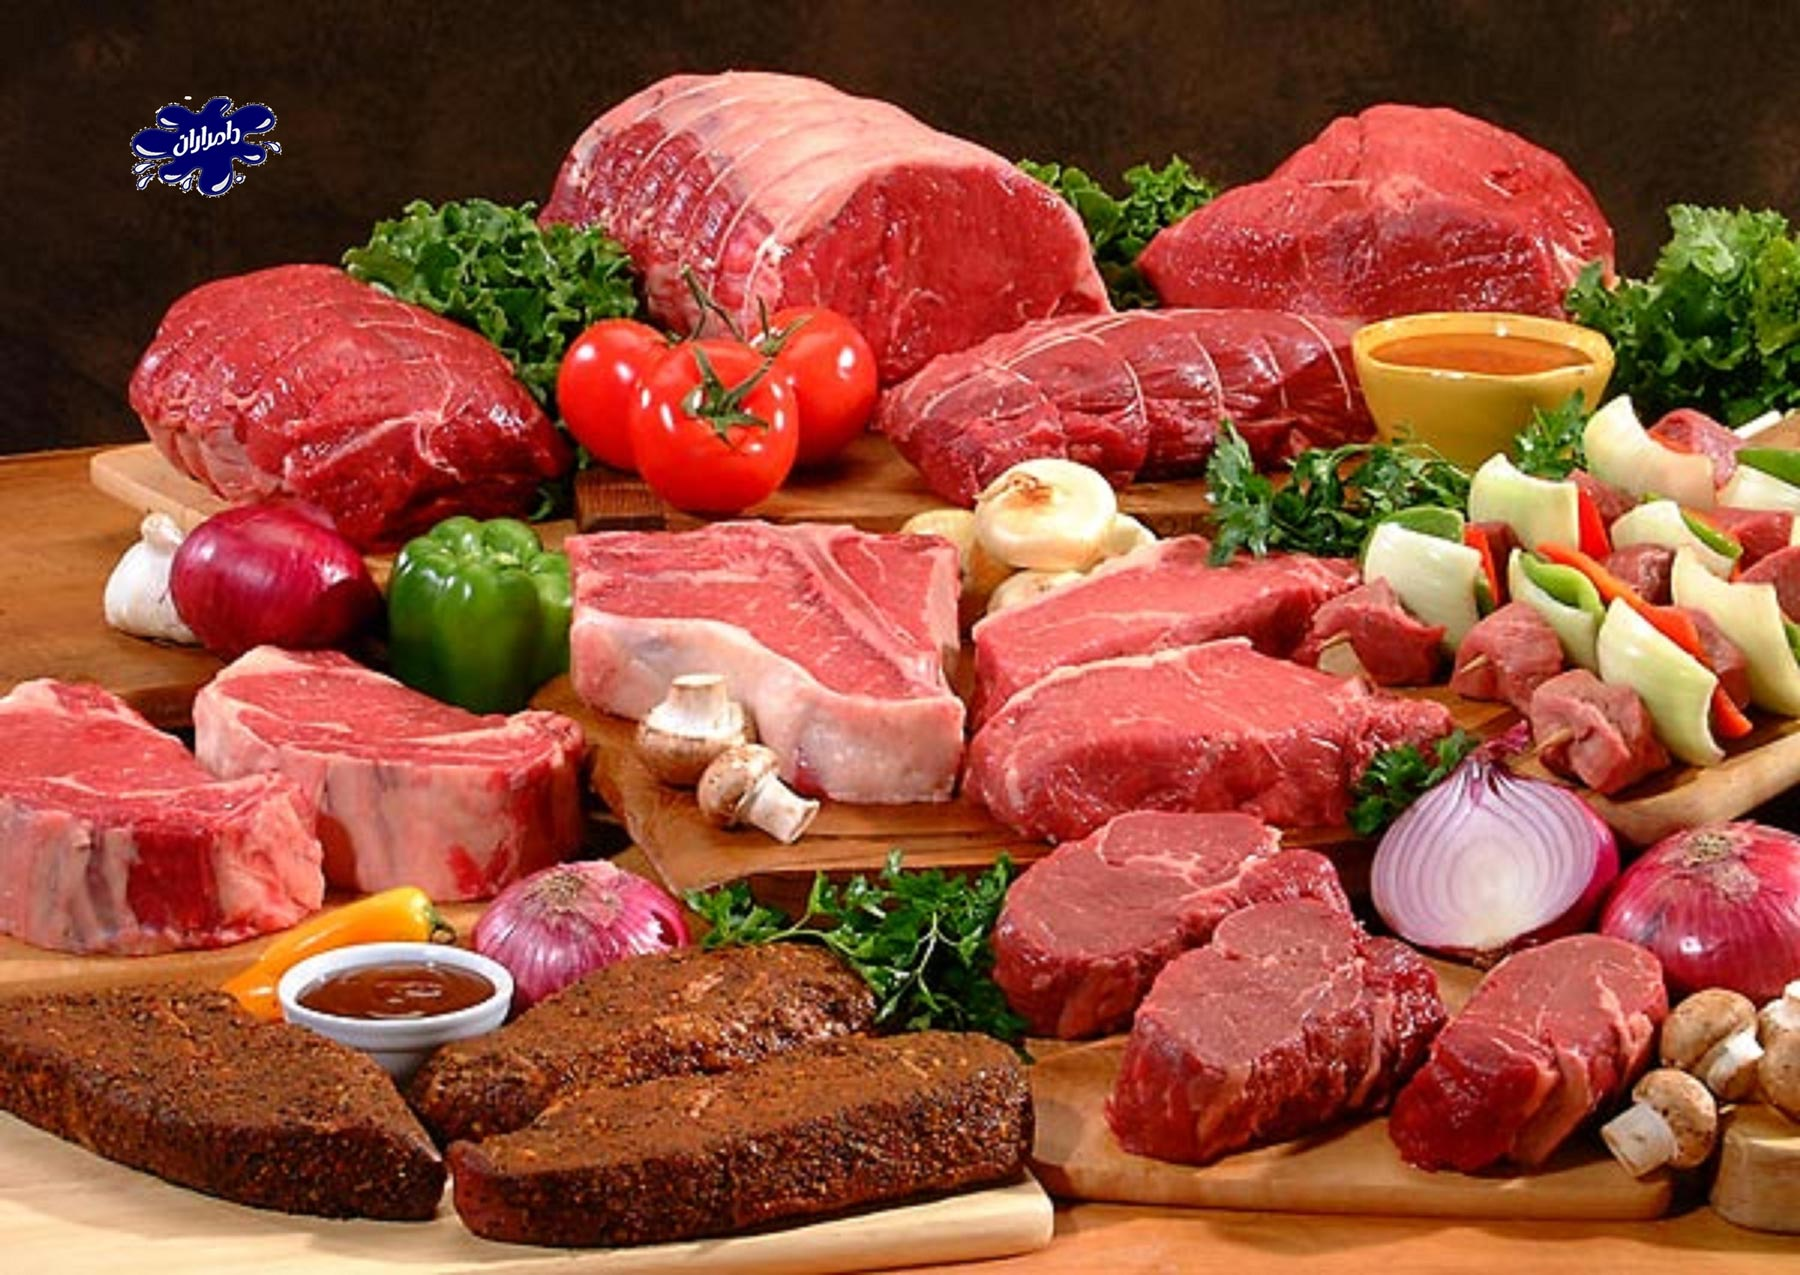 خرید اینترنتی گوشت  با کد ملی - گوشت تنظیم بازاری